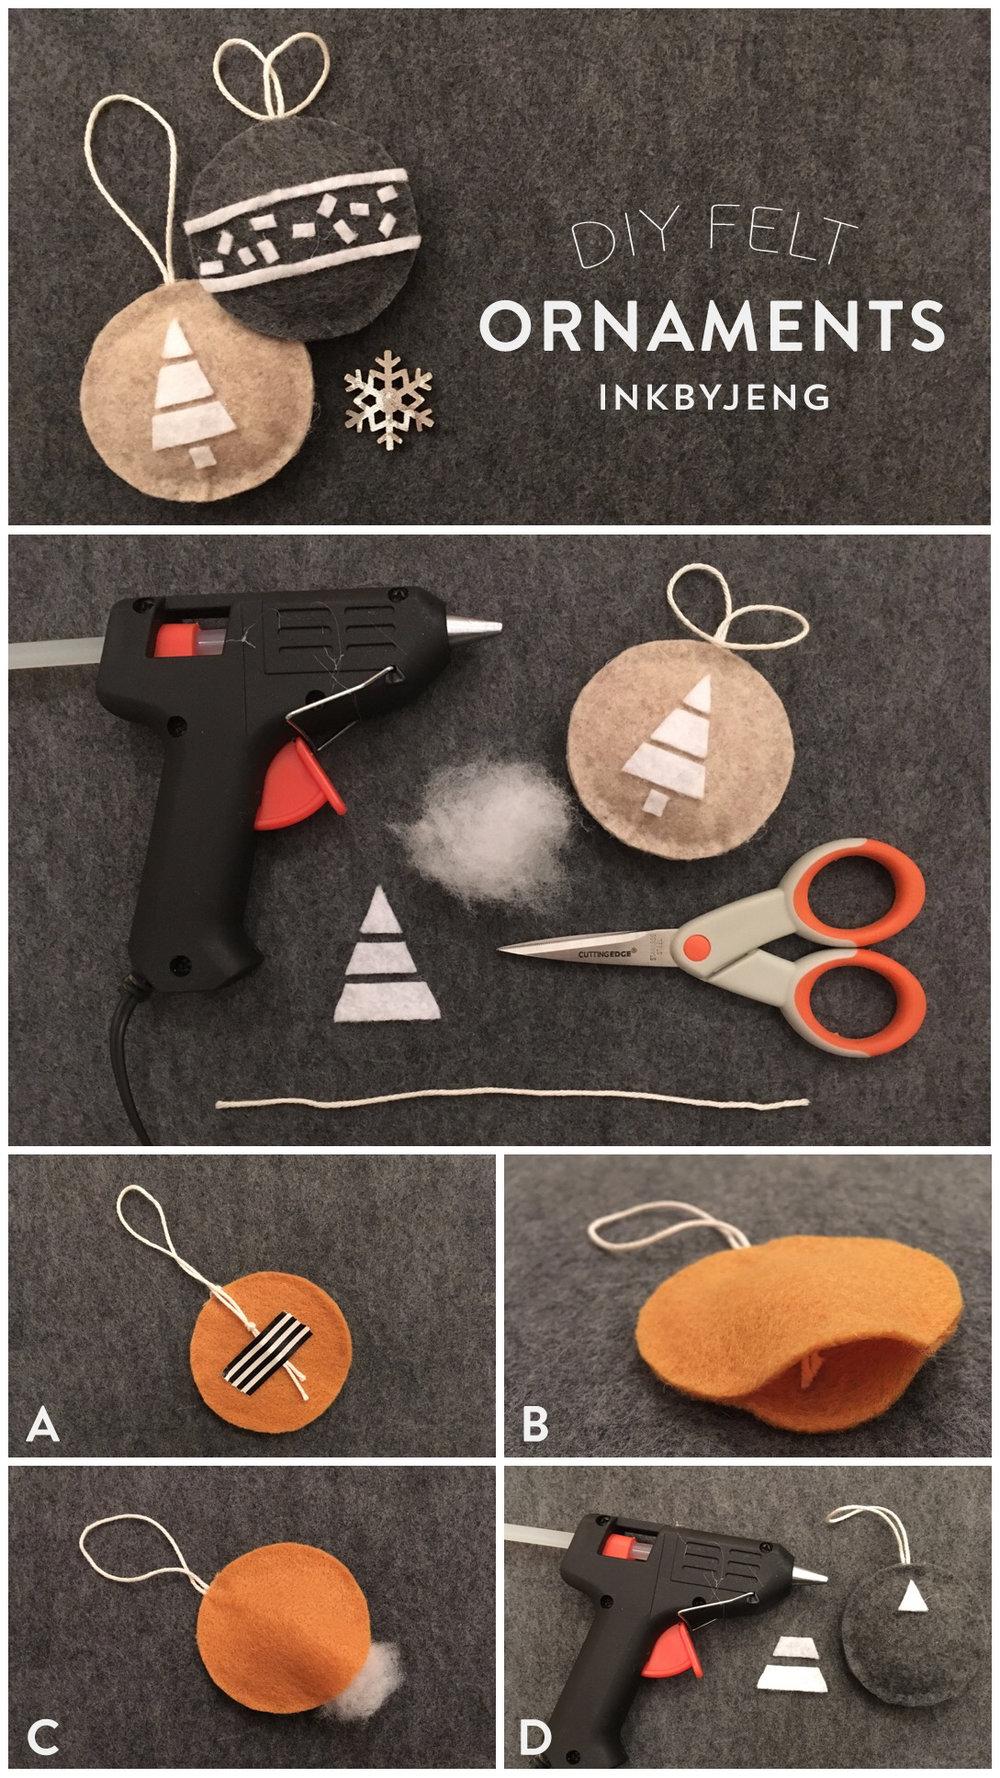 inkbyjeng-diy-felt-ornaments.jpg